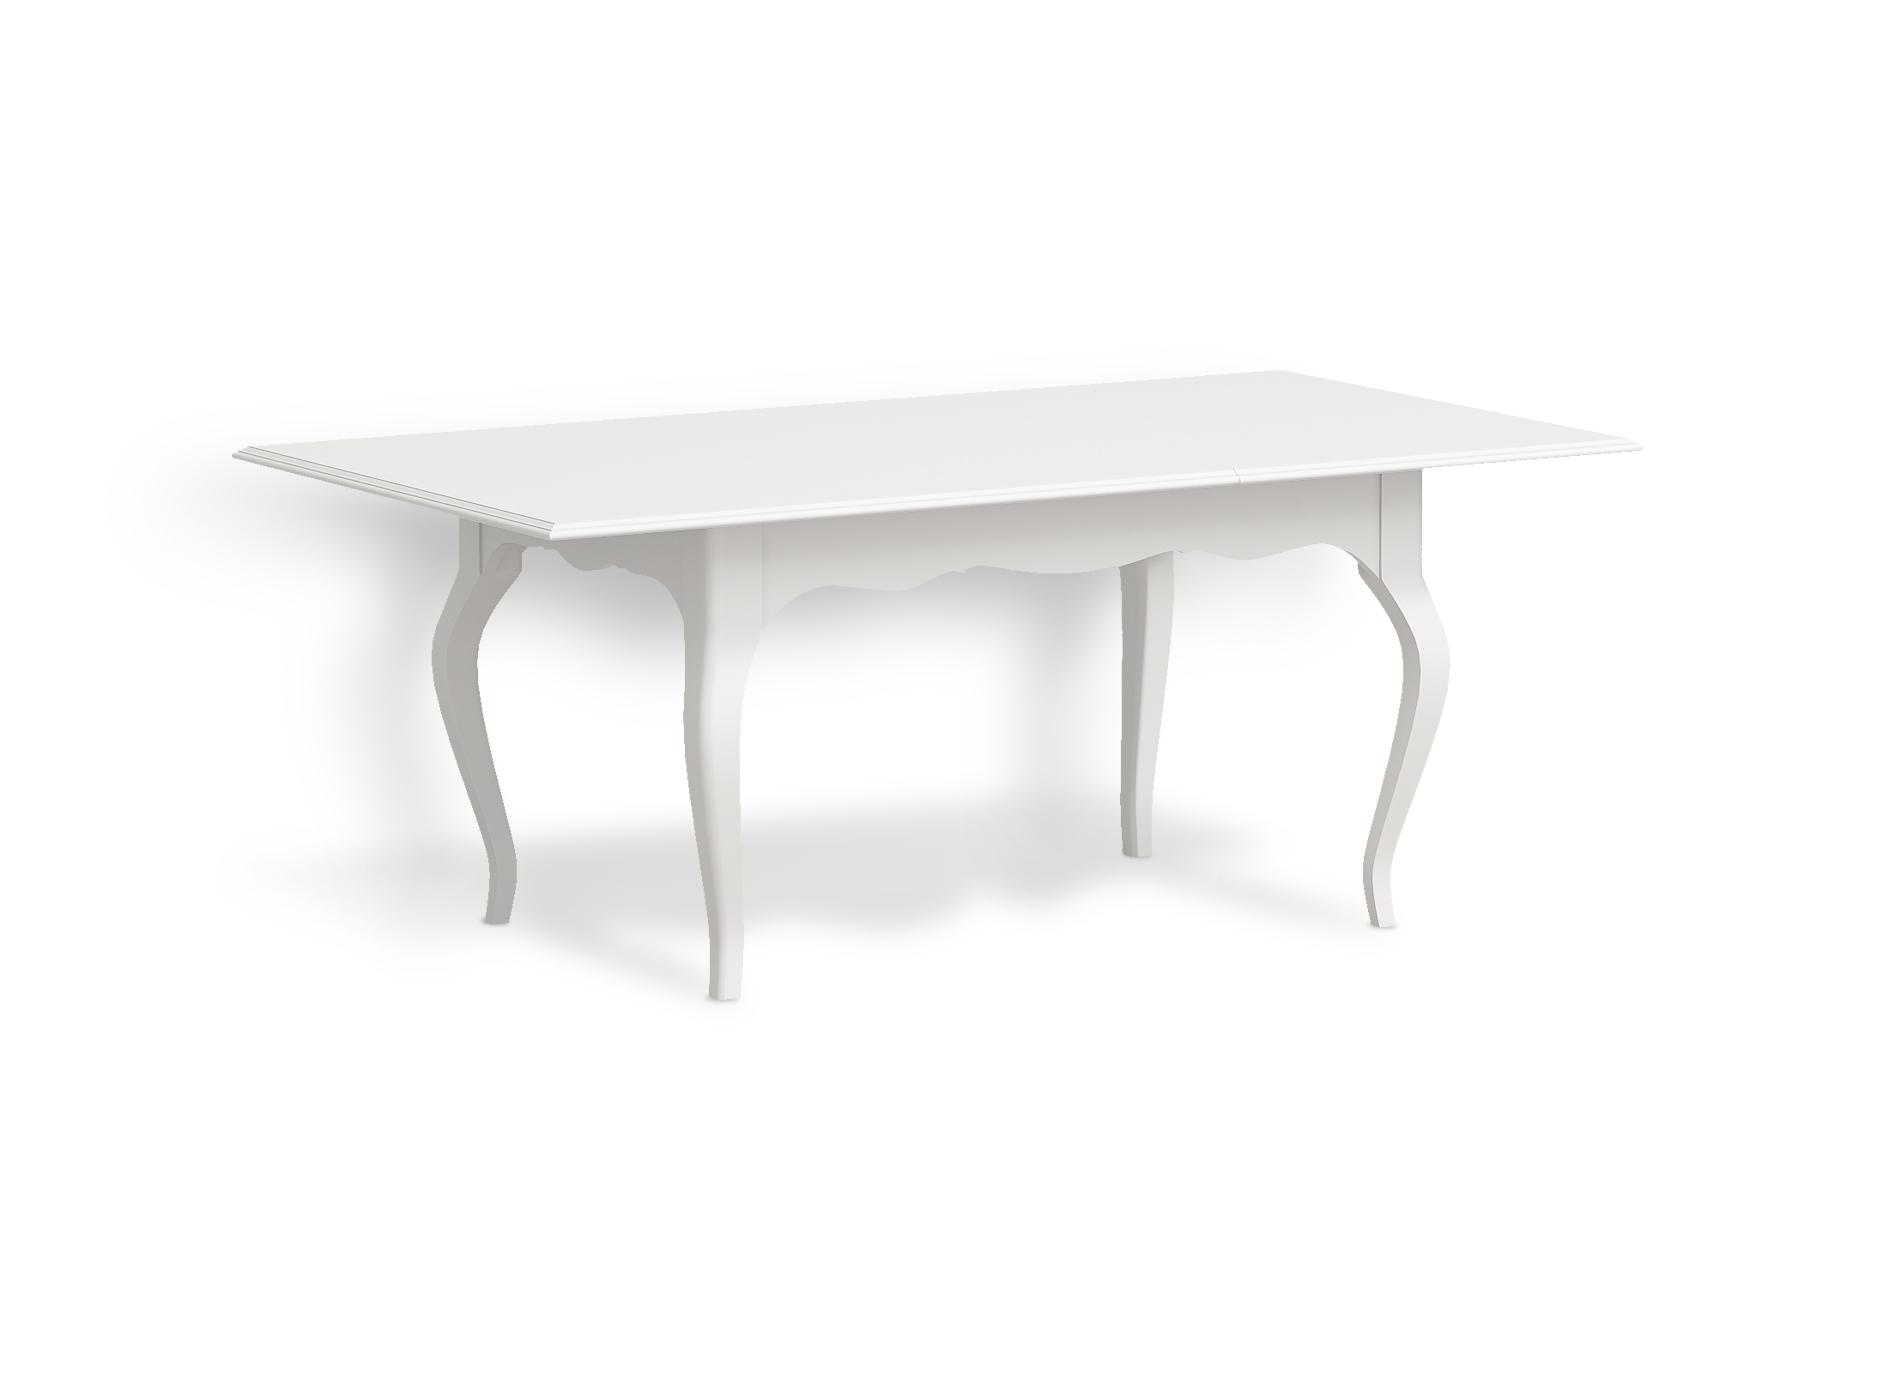 Стол раздвижной Снежный ПровансОбеденные столы<br>Белая мебель Прованс для гостиной, спальни, столовой, кабинета отлично впишется в Ваш загородный дом. Белая высококачественная мебель &amp;quot;Снежный Прованс&amp;quot; также может послужить в качестве обстановки детской комнаты подростка. Это функциональная удобная мебель европейского качества. Коллекция изготовлена из массива бука (каркасы и точеные элементы мебели) и из высококачественного МДФ (филенчатые части) и соответствует немецким стандартам для детской мебели.<br>Мебель &amp;quot;Снежный Прованс&amp;quot; имеет плавные изогнутые формы и украшена потертым вручную декором в виде оливковой ветви.&amp;lt;div&amp;gt;&amp;lt;br&amp;gt;&amp;lt;/div&amp;gt;&amp;lt;div&amp;gt;Размер столешницы в раздвинутом виде 197Х106 см.&amp;lt;/div&amp;gt;<br><br>Material: Бук<br>Ширина см: 152<br>Высота см: 77<br>Глубина см: 106